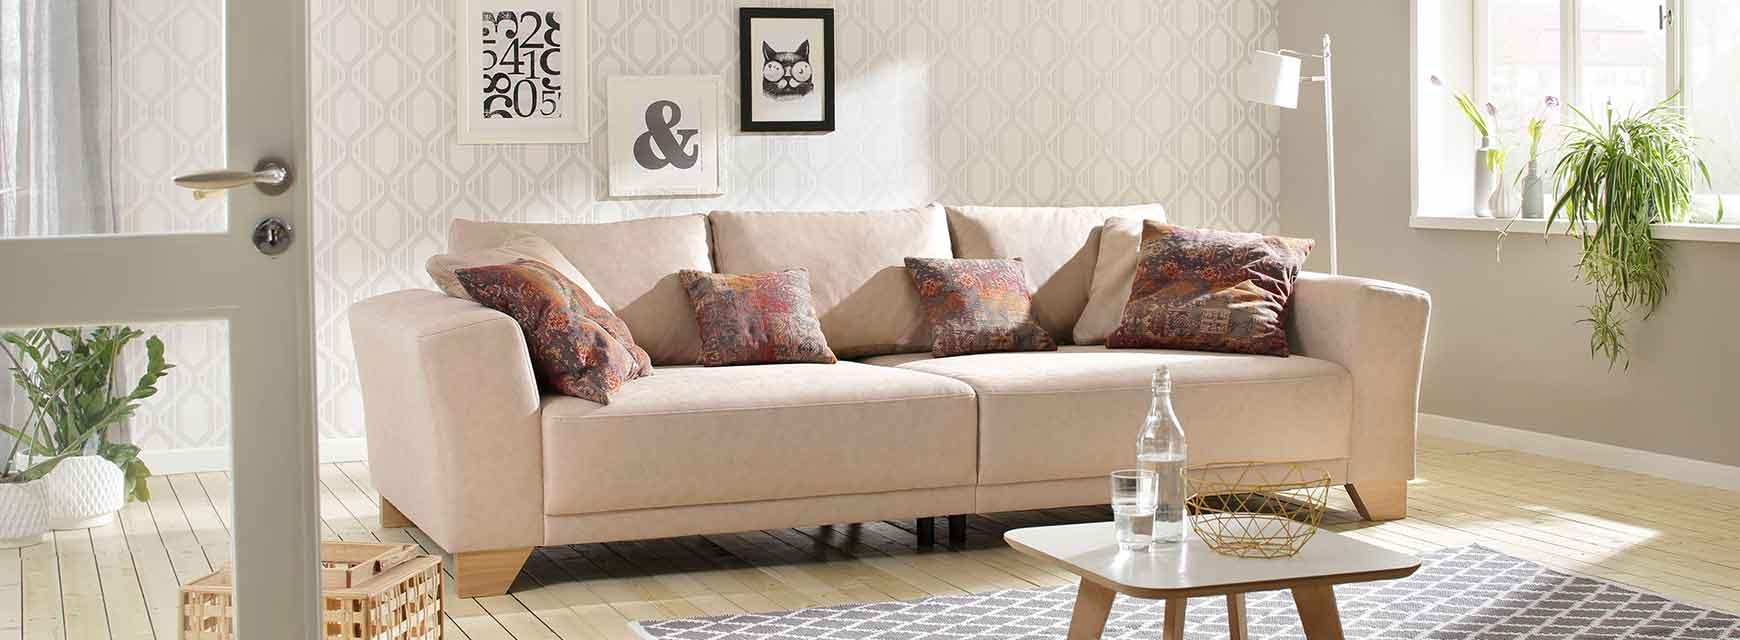 Full Size of Big Sofa Mit Hocker Landhausstil Landhaus Couch Online Kaufen Naturloftde Ligne Roset Sitzbank Küche Lehne Brühl Bett Gepolstertem Kopfteil Canape Sofa Big Sofa Mit Hocker